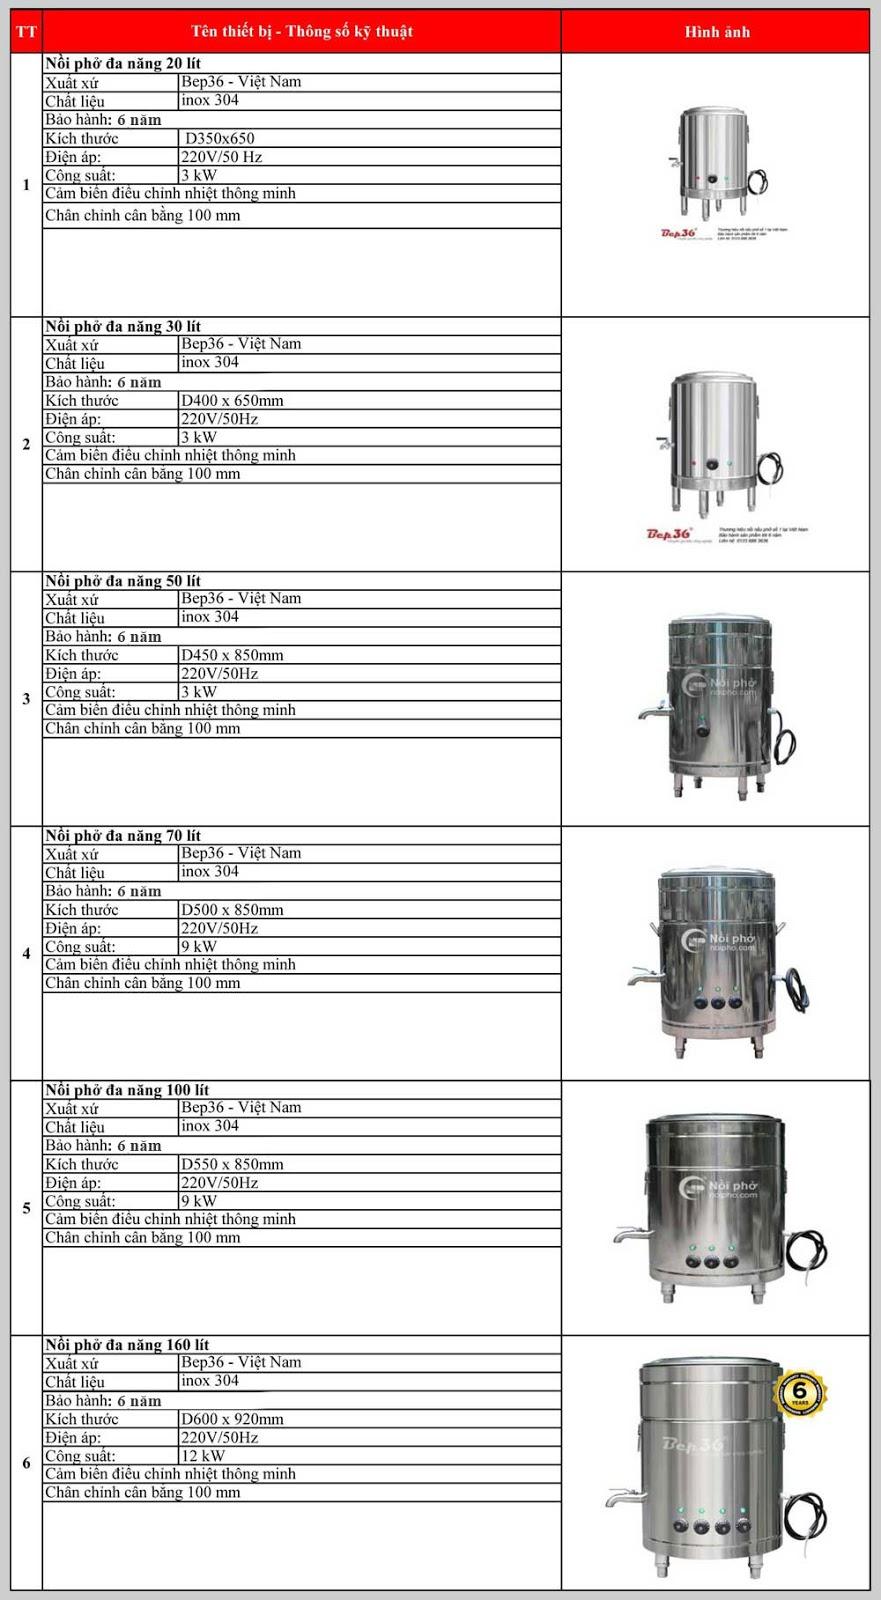 Thông số kỹ thuật nồi nấu phở điện inox 304